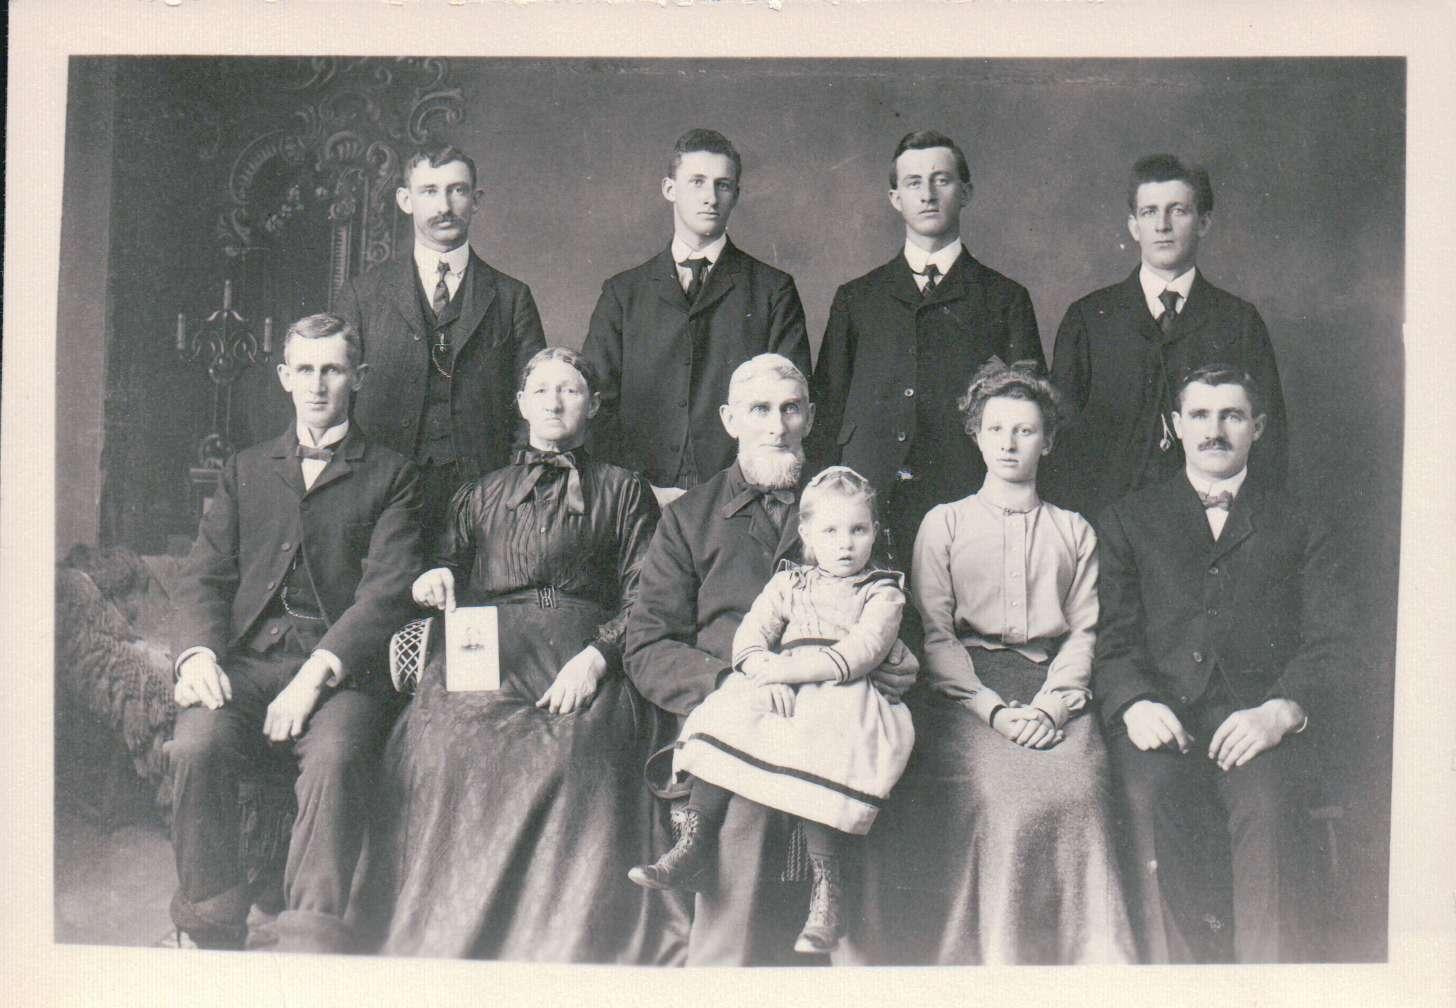 Samuel/Ruhama (Anderson) Norris Family